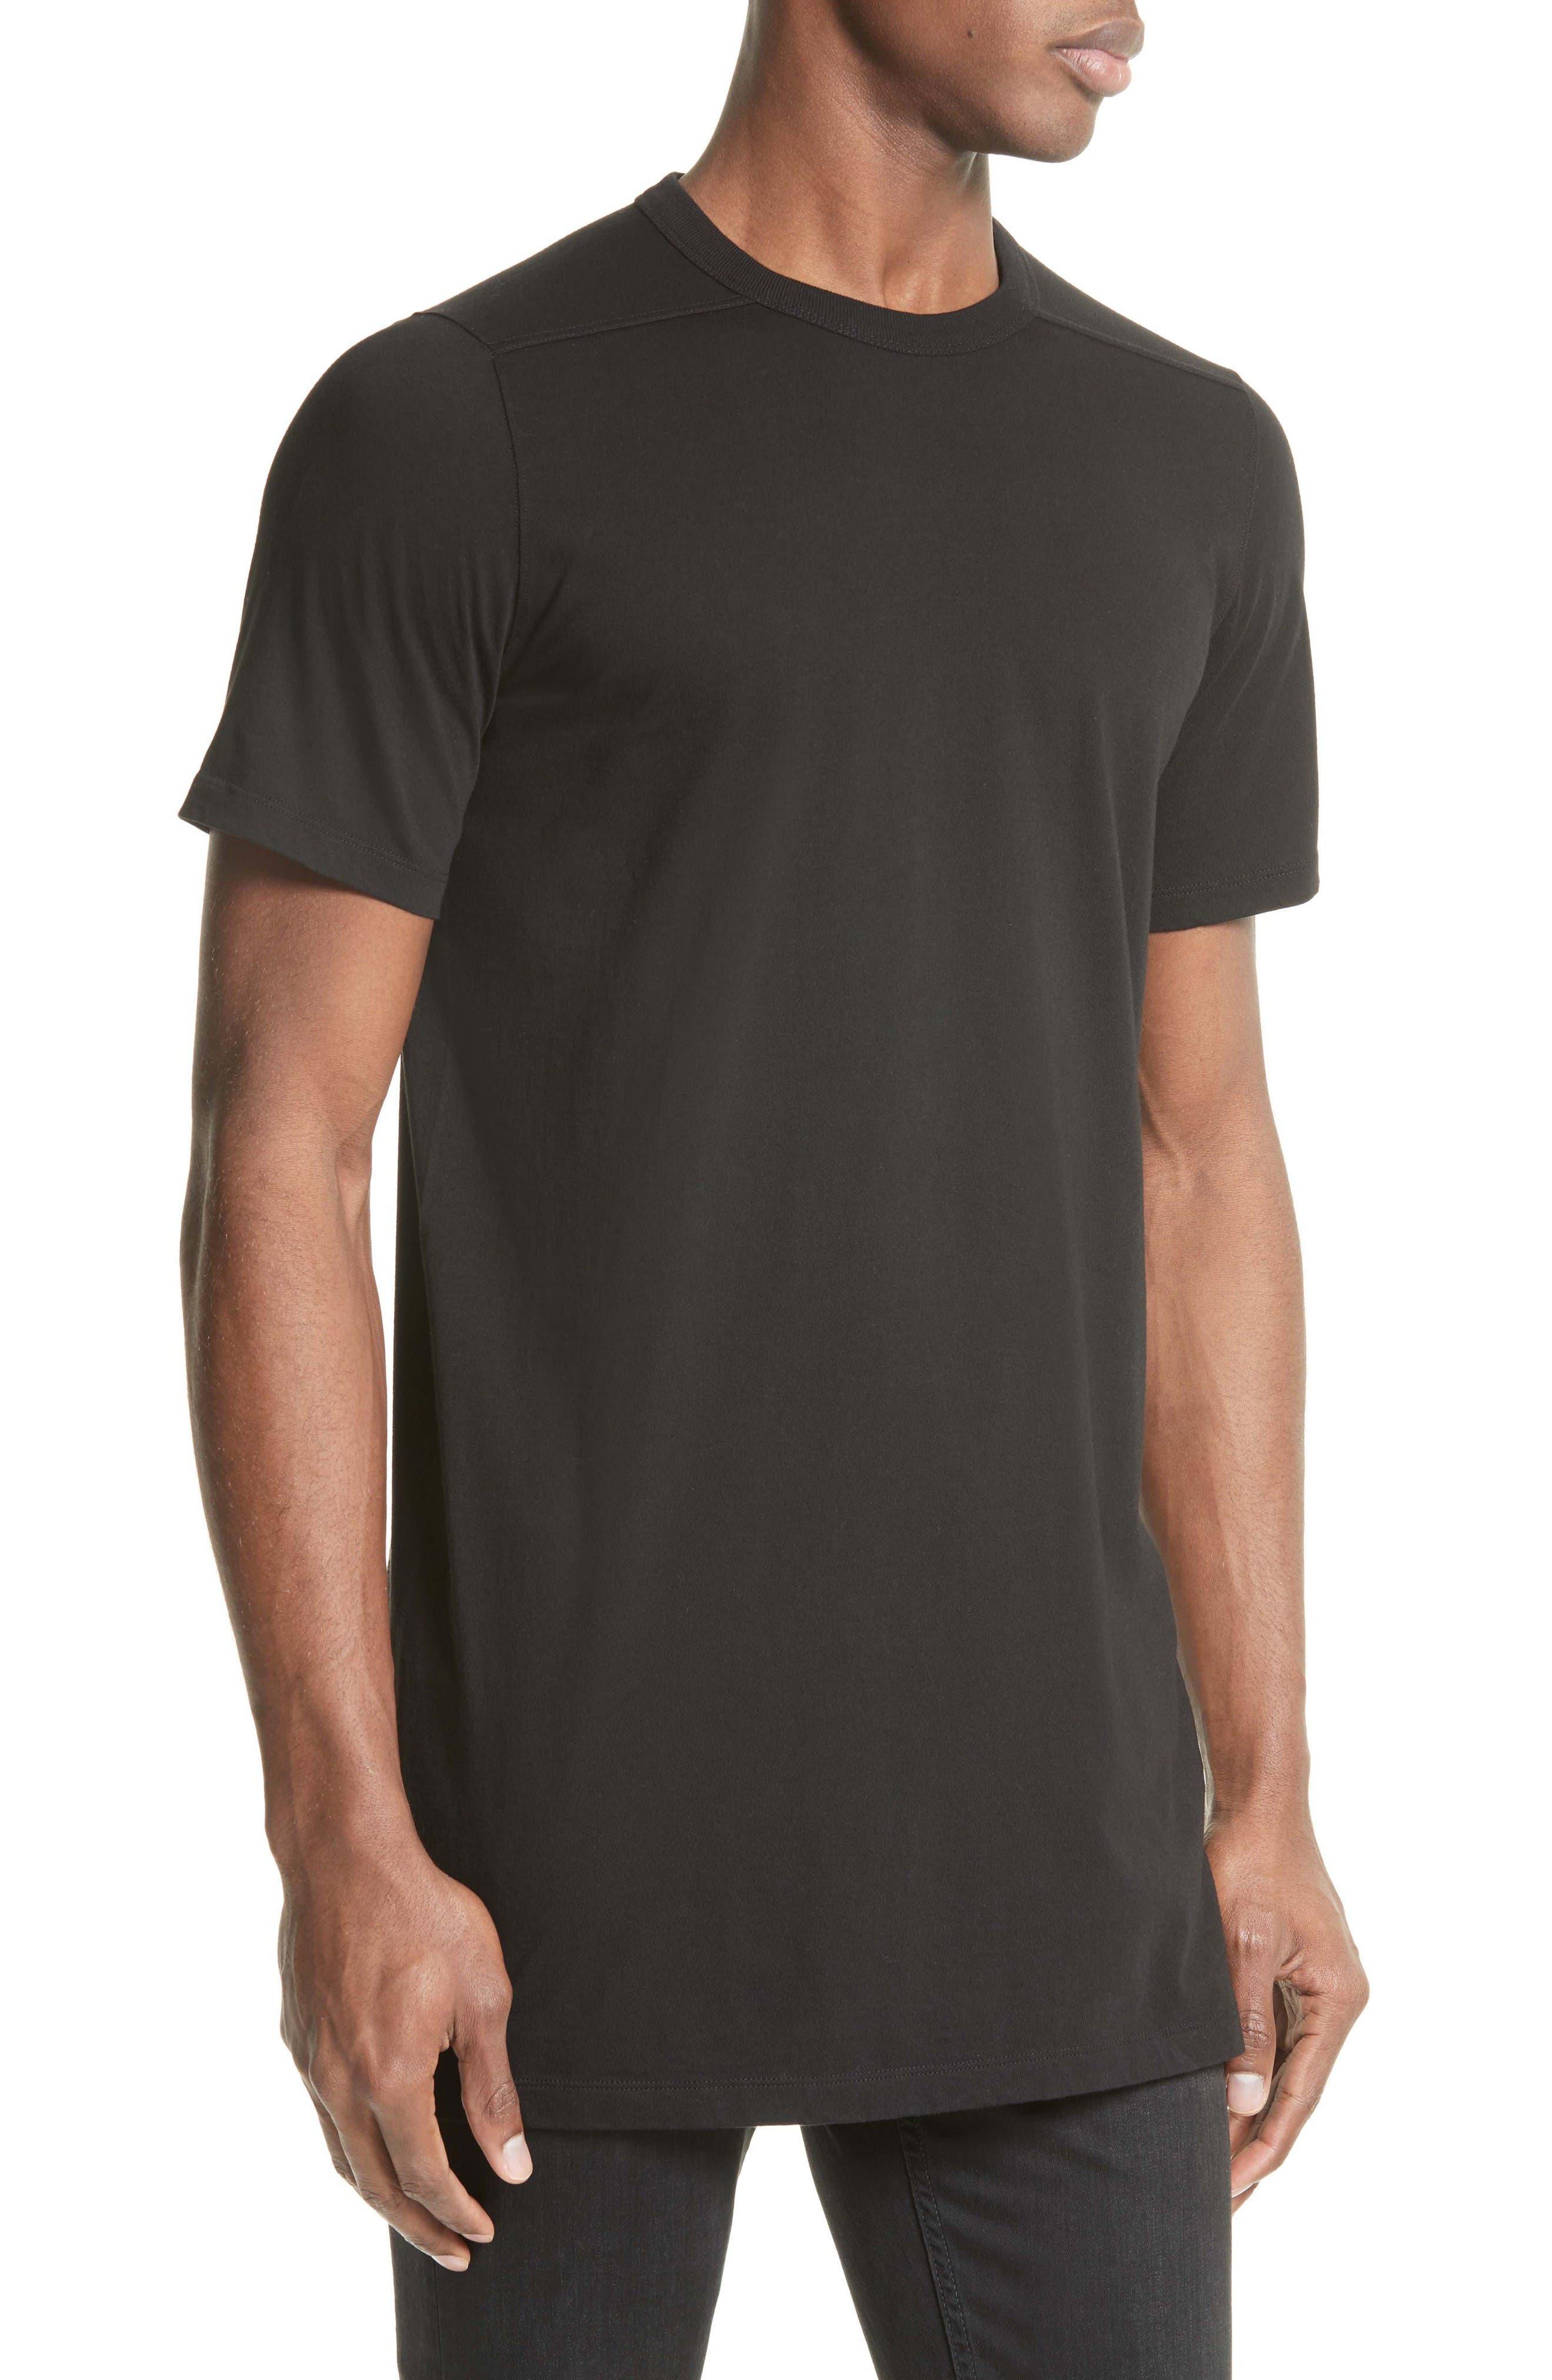 Level T-Shirt,                             Alternate thumbnail 3, color,                             Black